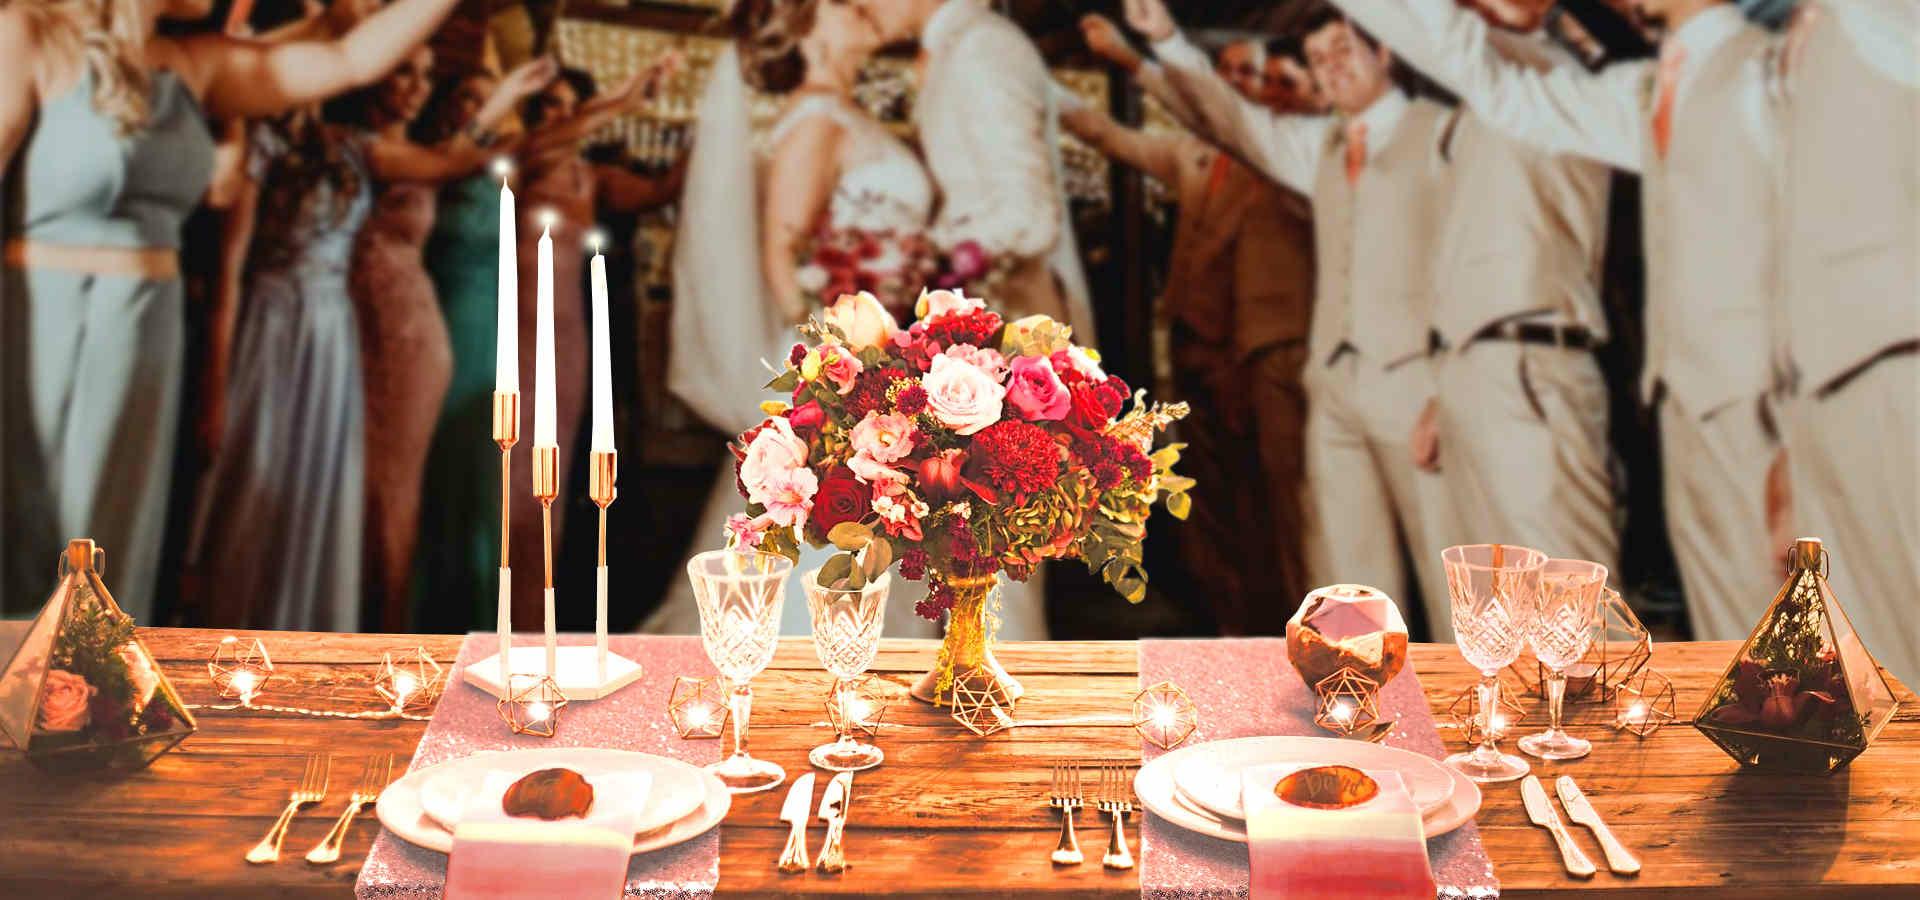 decoration-de-table-mariage-rose-gold